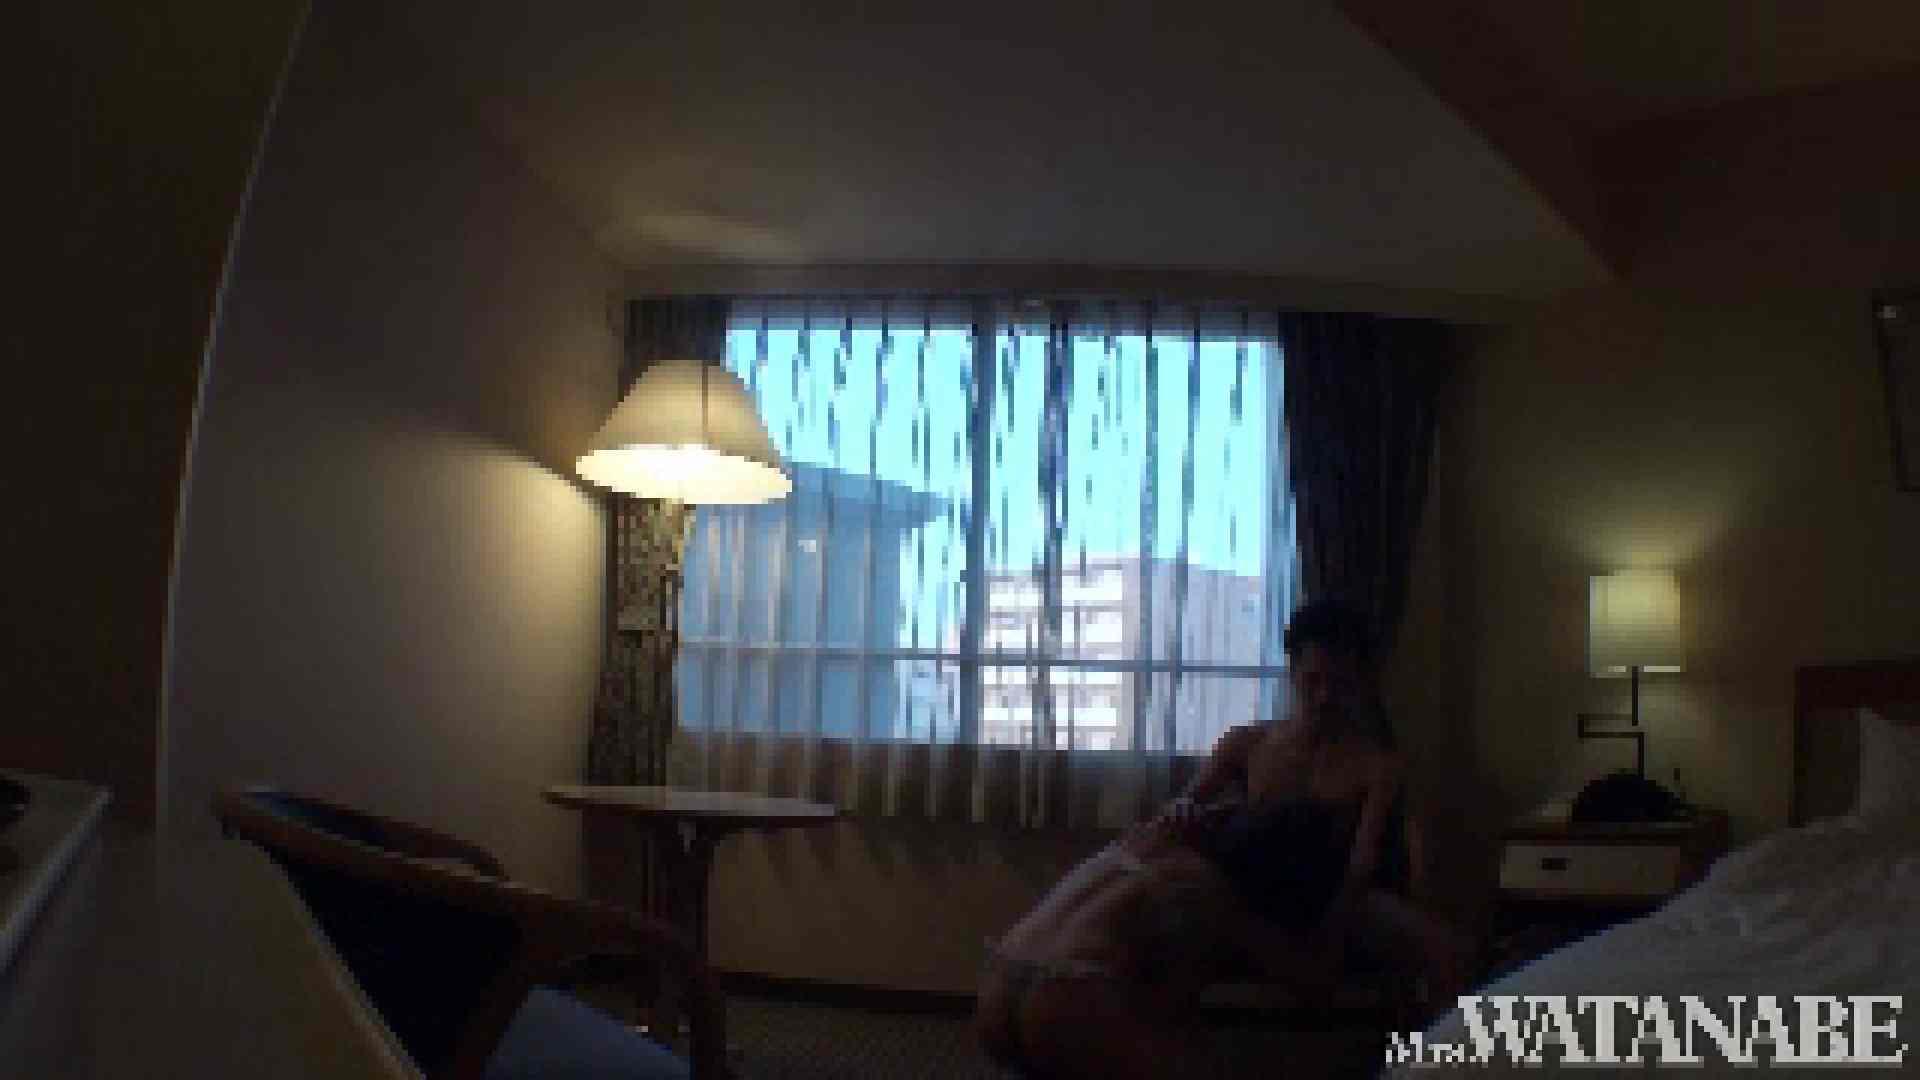 撮影スタッフを誘惑する痴熟女 かおり40歳 Vol.03 熟女  16pic 11